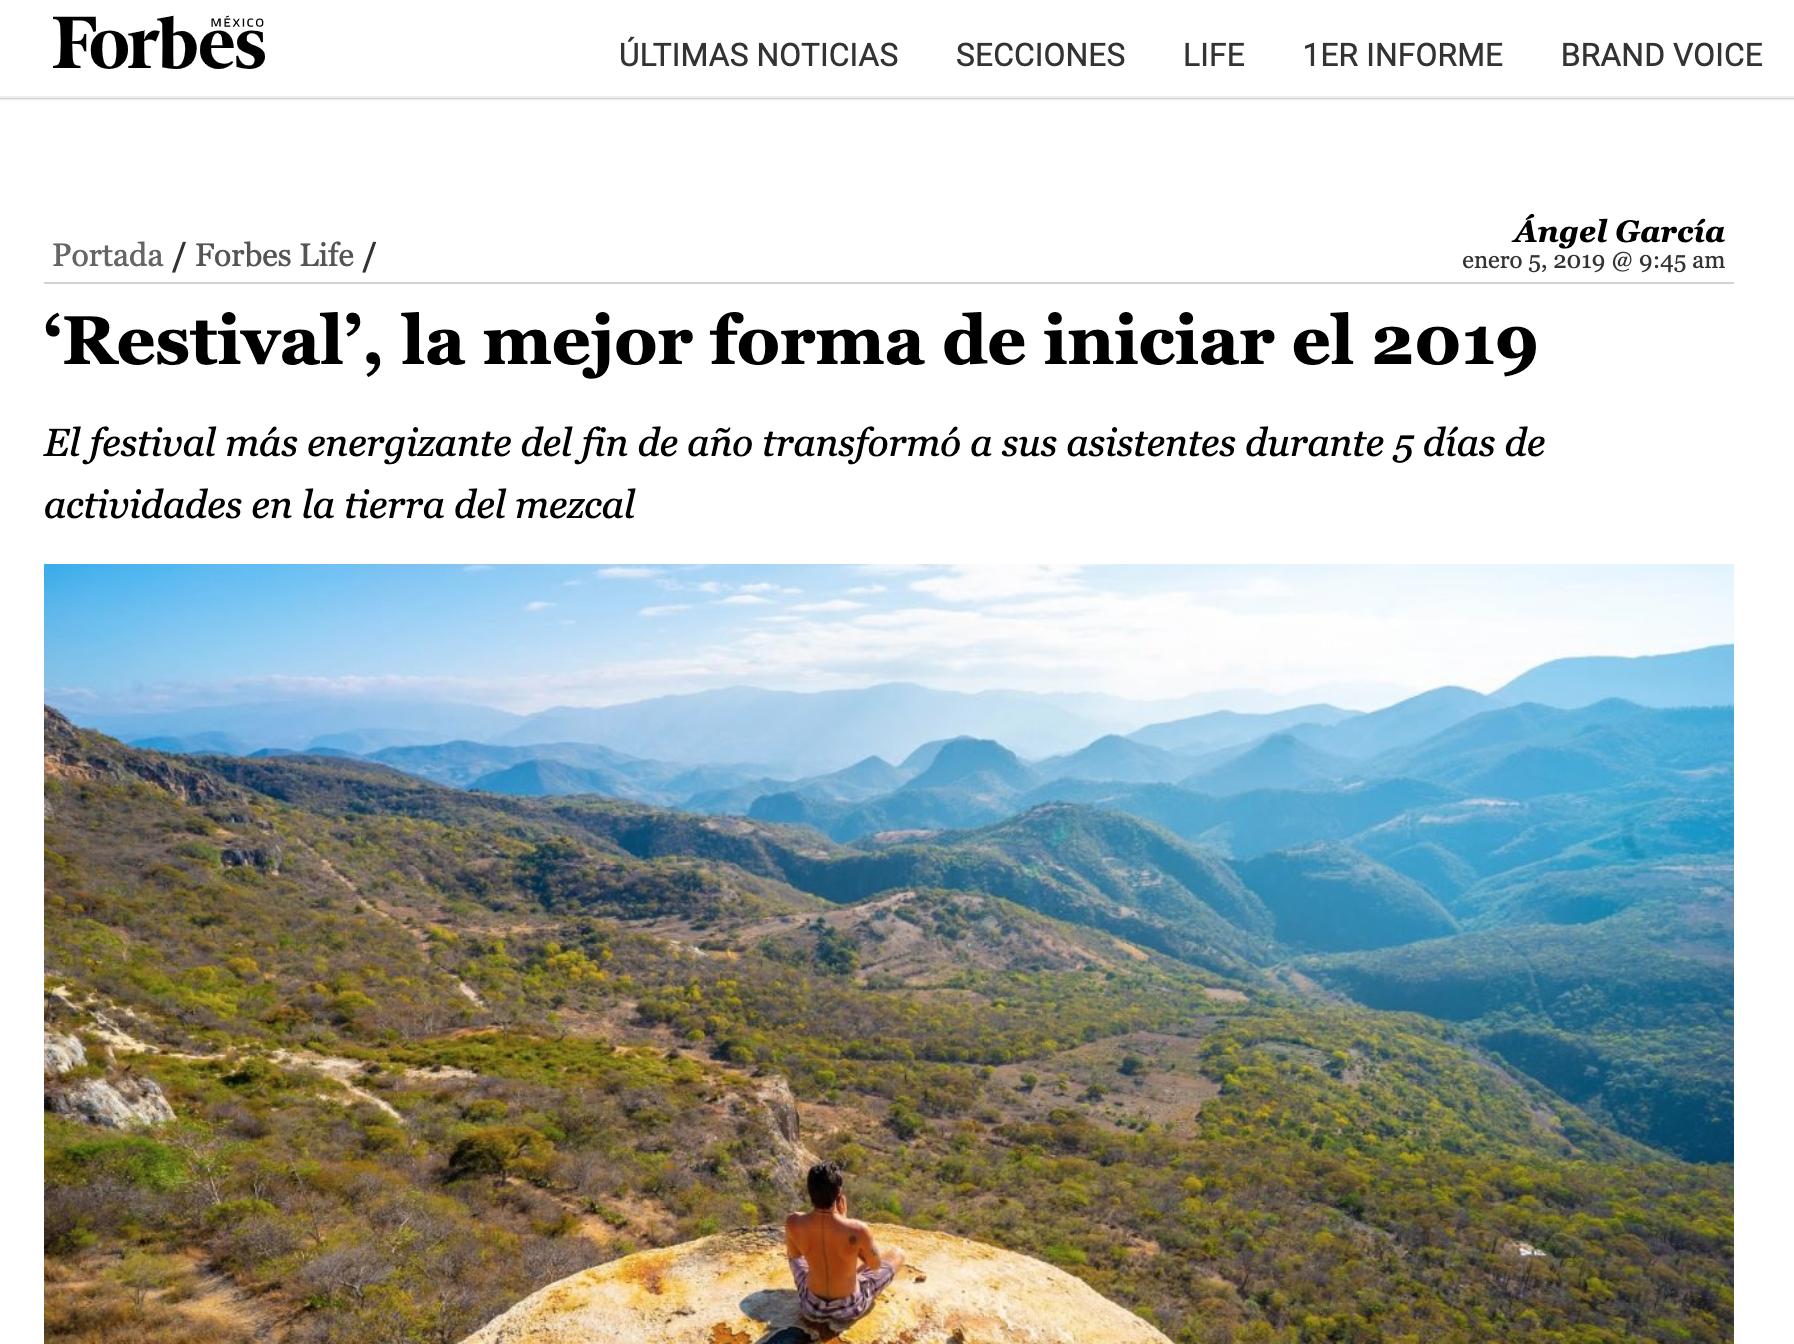 Teniendo como escenario los maravillosos paisajes de Oaxaca, entre los imponentes plantíos de agave del Rancho Los Amantes, 70 personas vivieron una experiencia sin igual mientras se despedían del 2018 para recibir al Año Nuevo